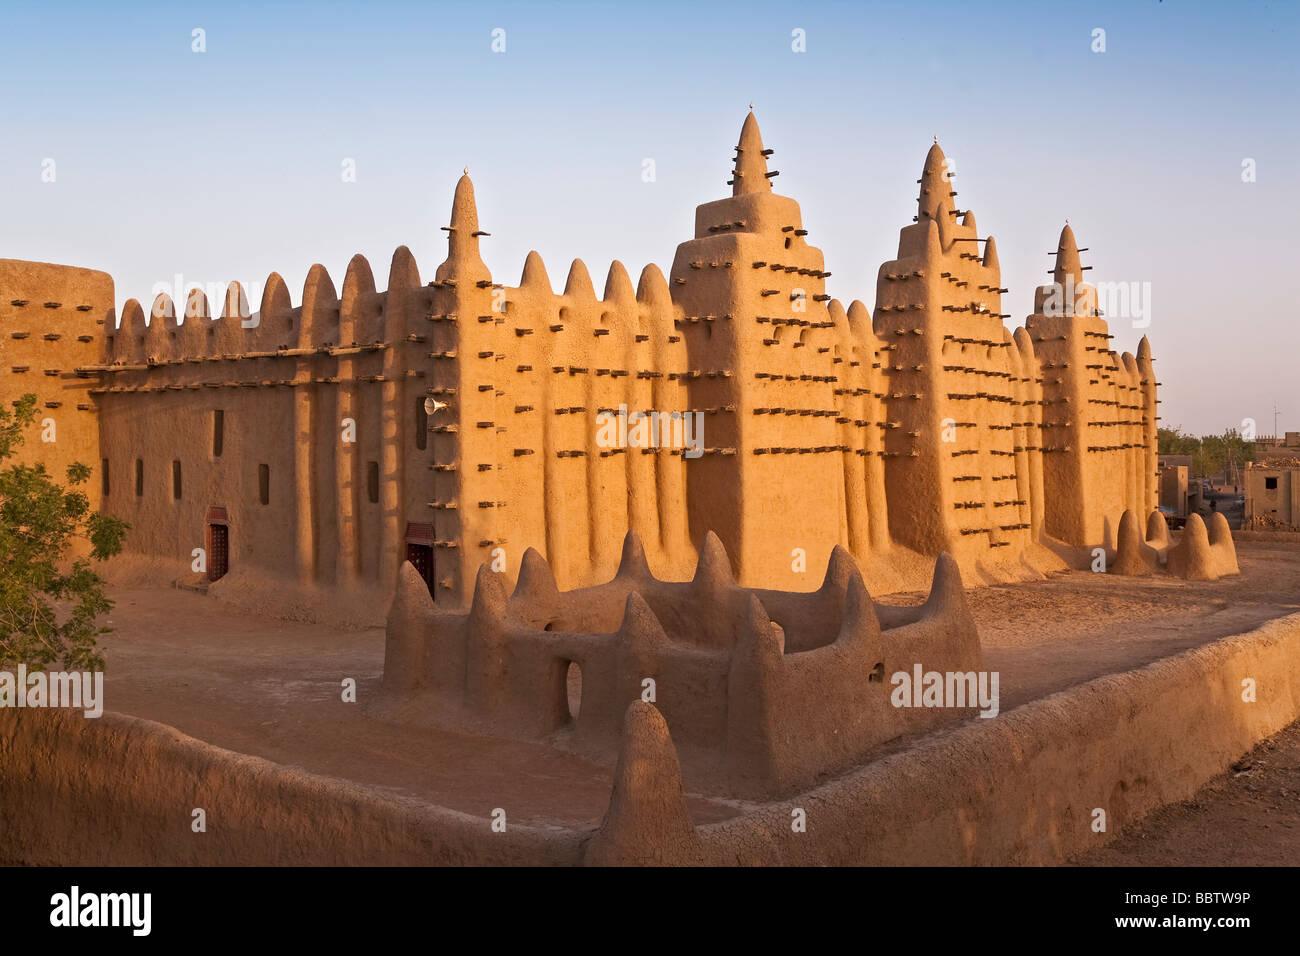 Grande Mosquée de Djenné, Mopti, Djenné, région du Delta Intérieur du Niger, Mali, Afrique Photo Stock